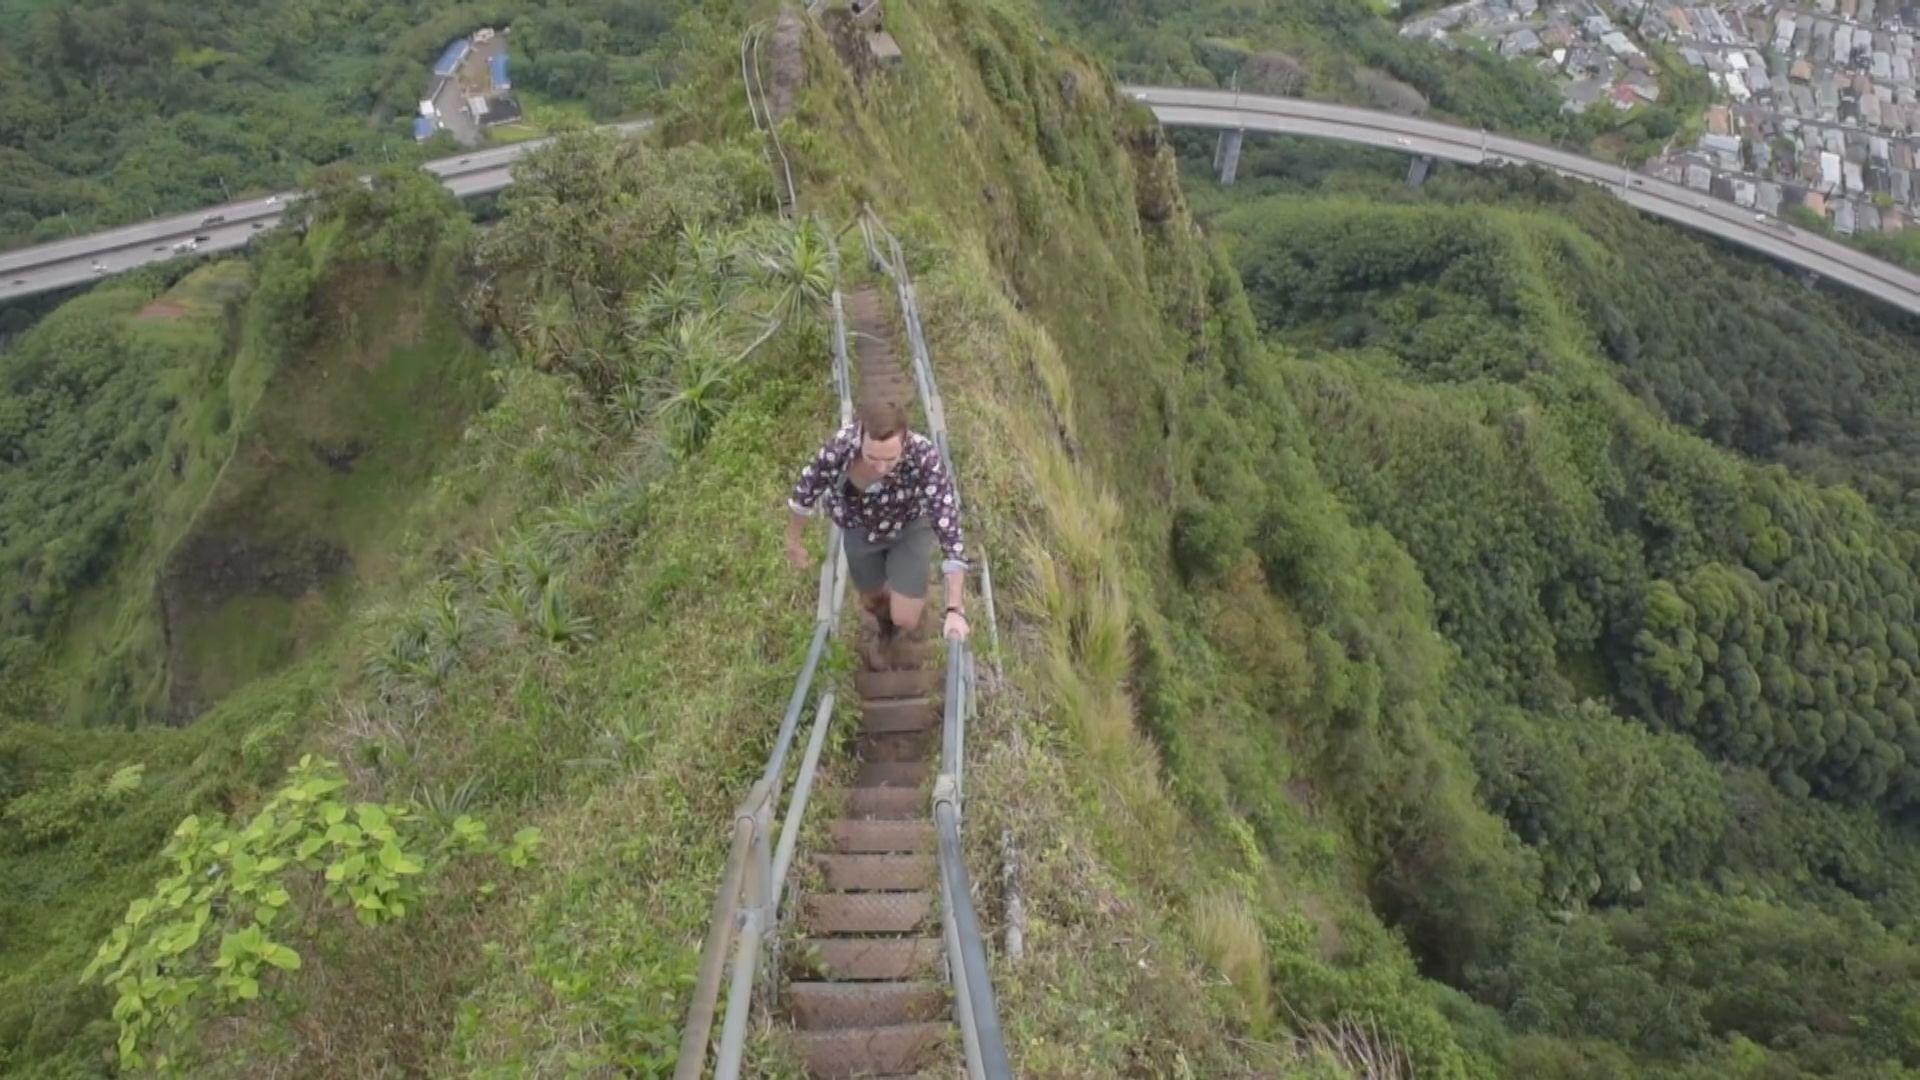 【環球薈報】夏威夷將拆除景點「天國的階梯」